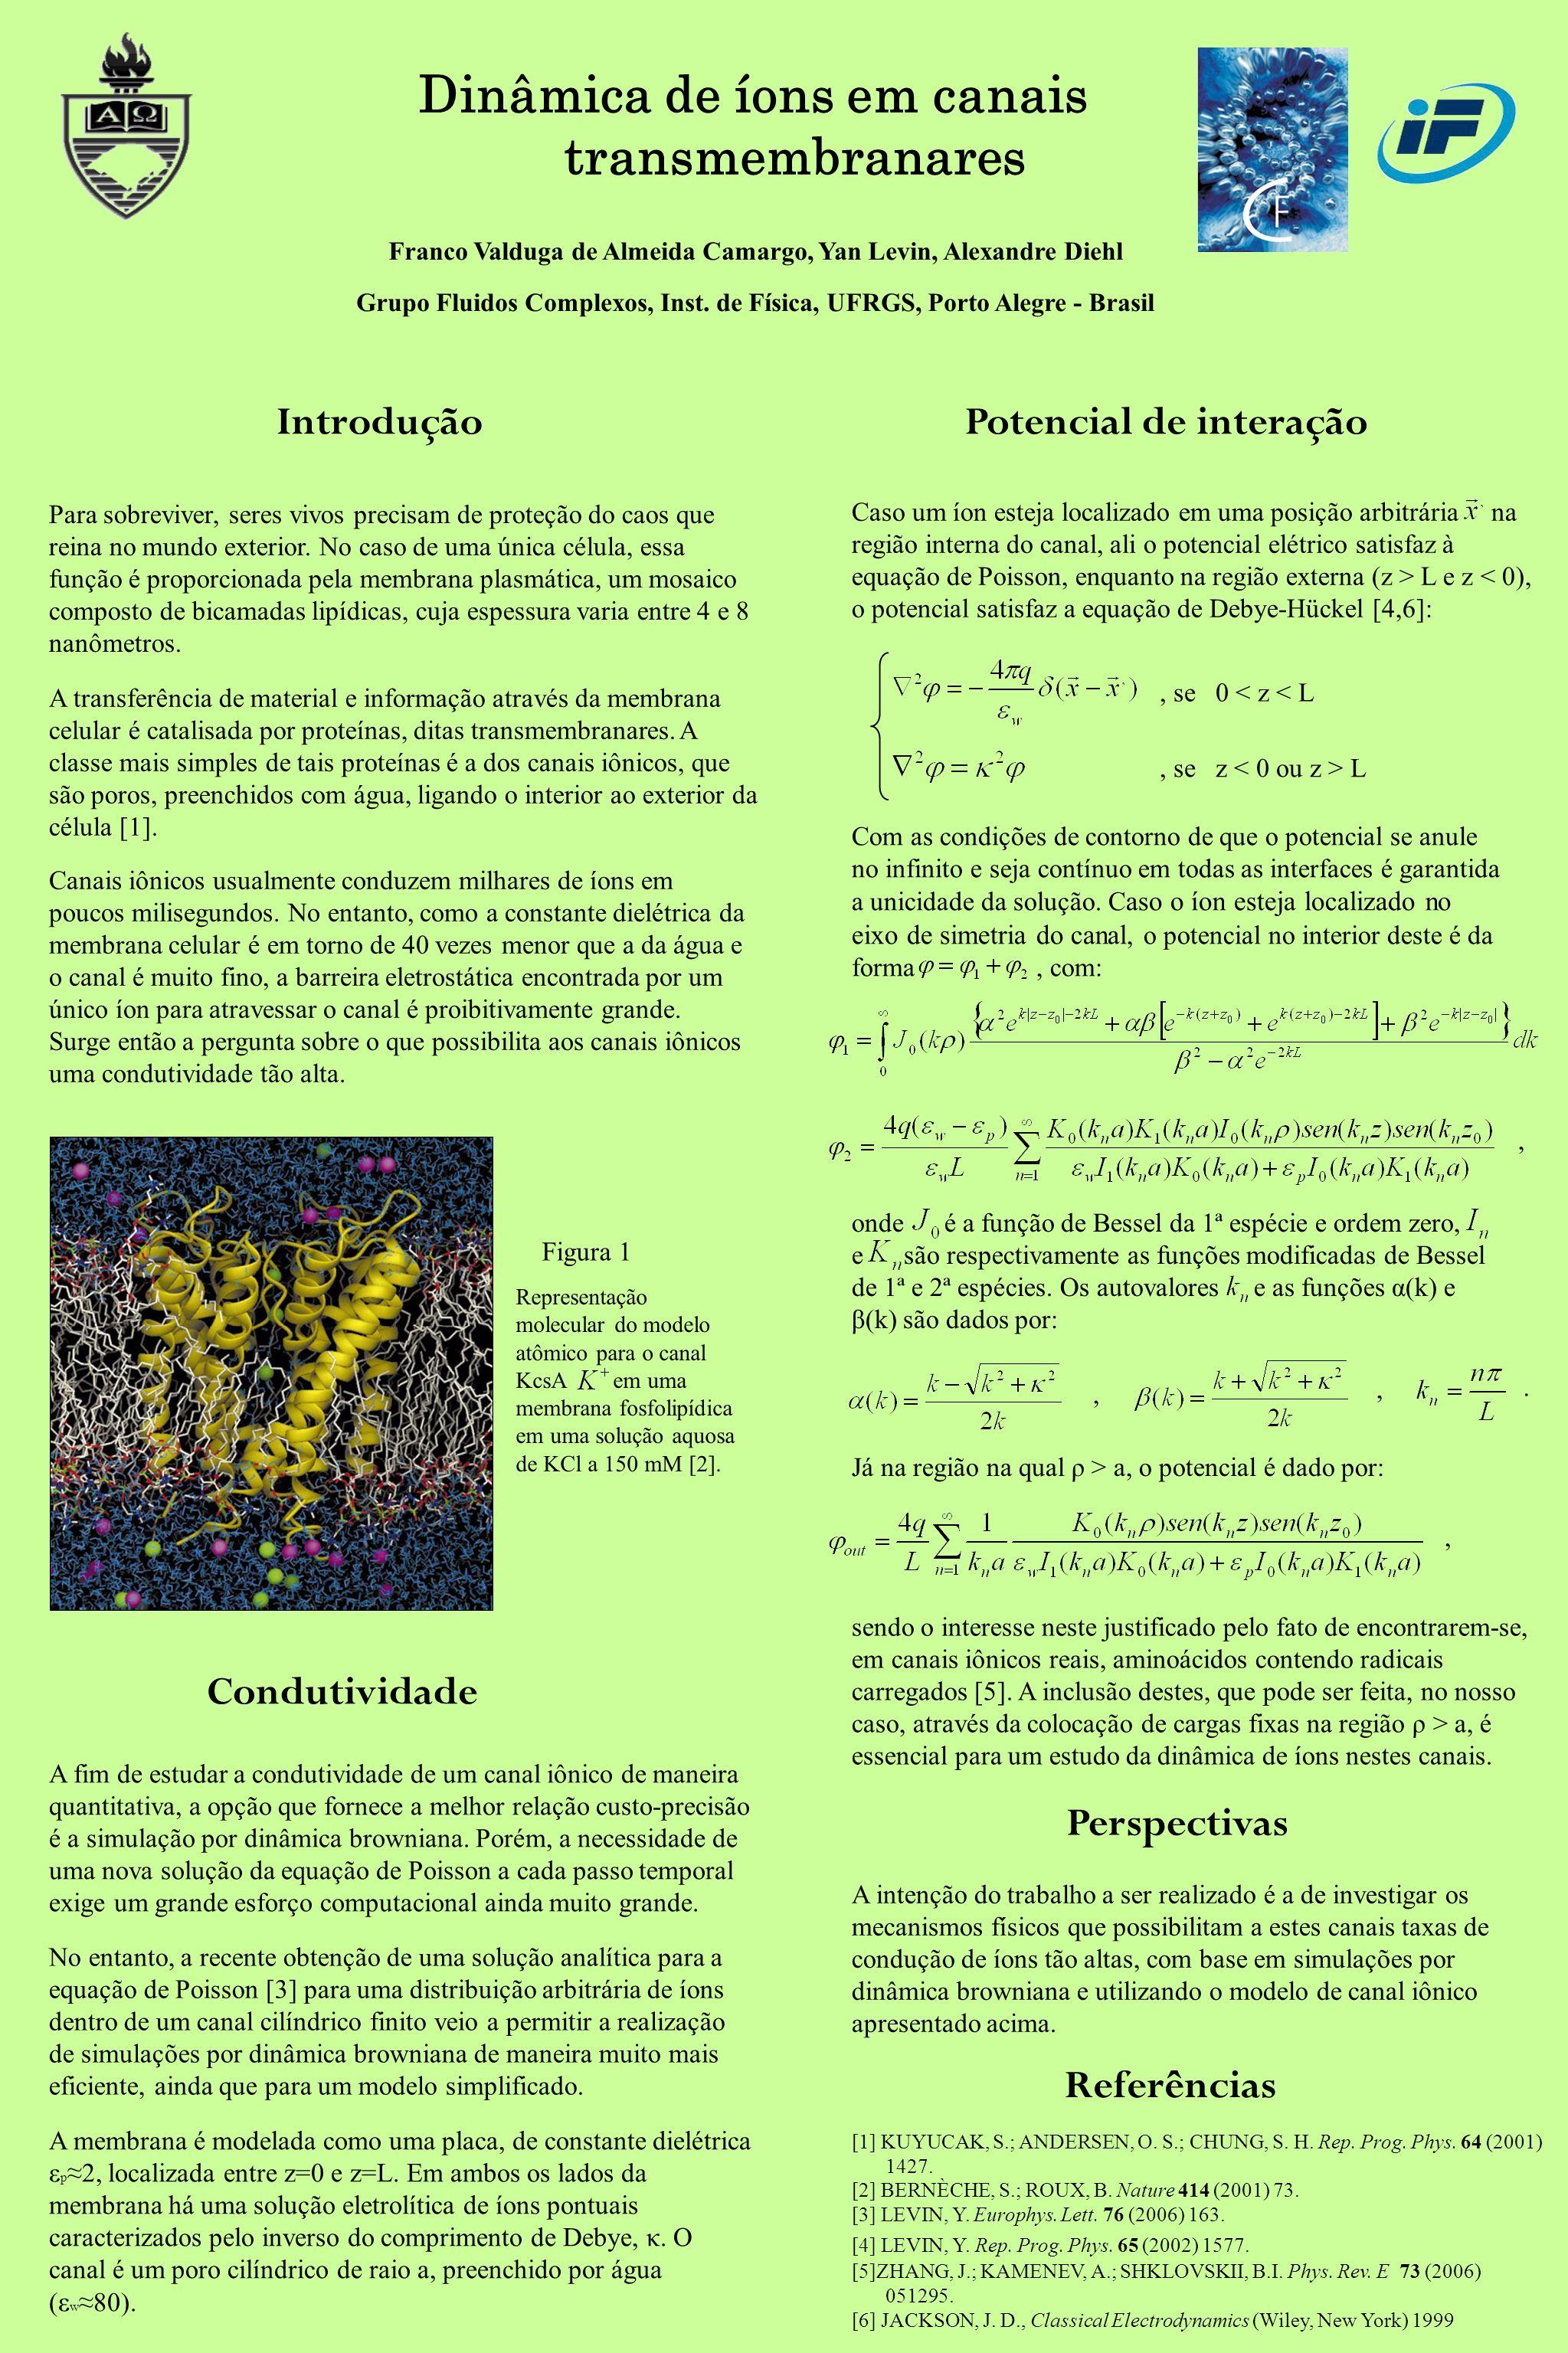 Dinâmica de íons em canais transmembranares Franco Valduga de Almeida Camargo, Yan Levin, Alexandre Diehl Grupo Fluidos Complexos, Inst. de Física, UF